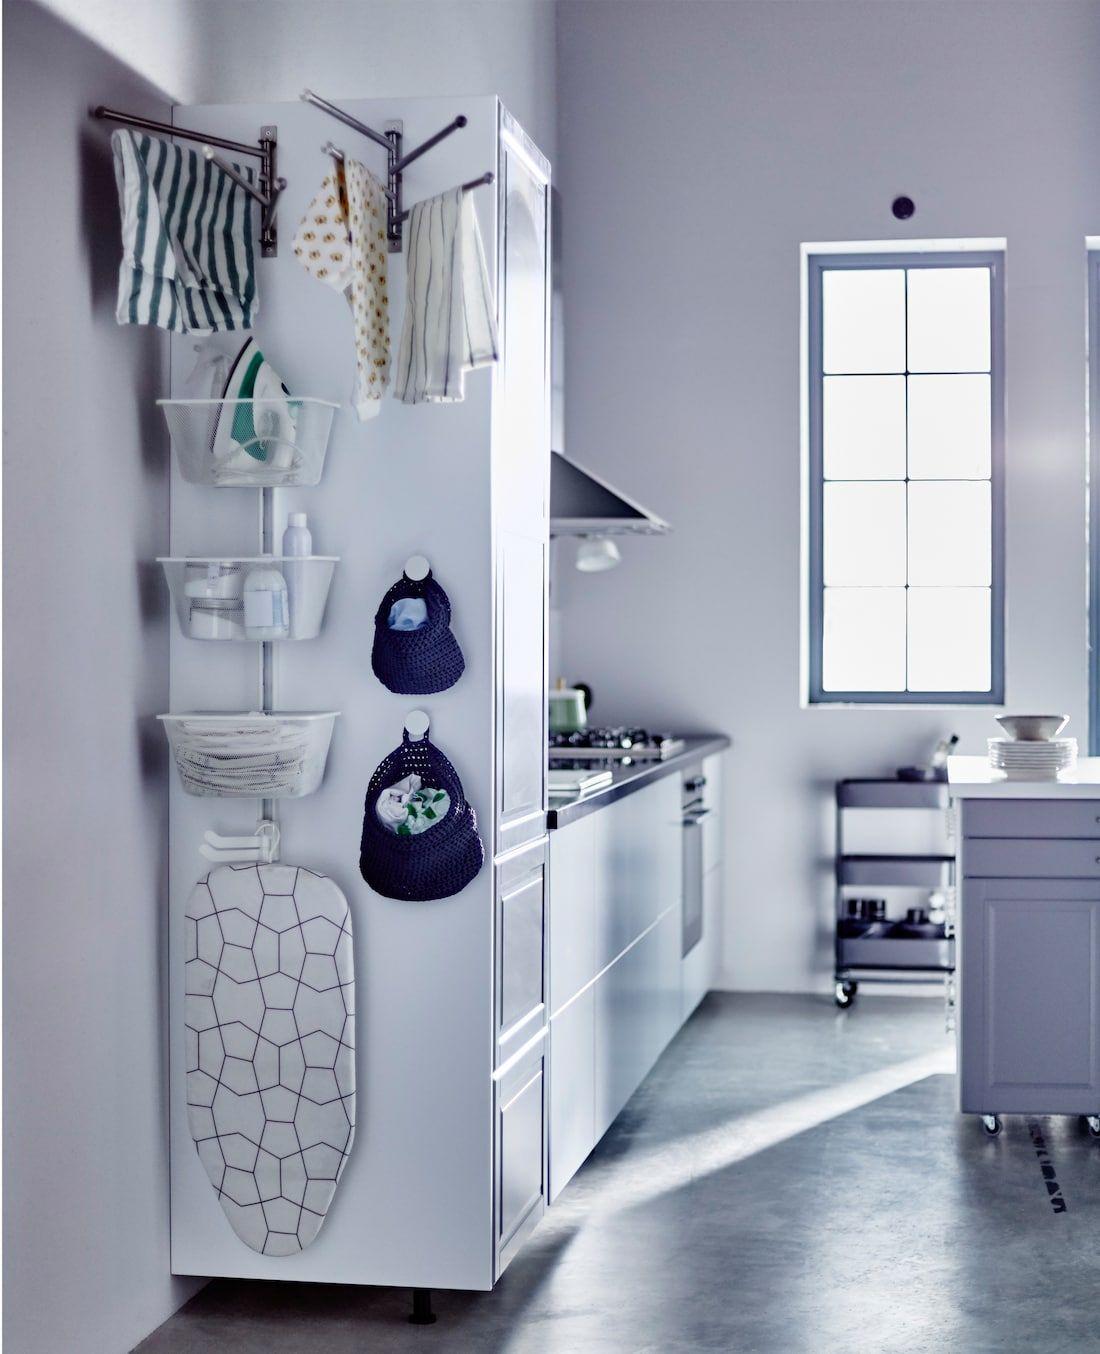 Binario Pensili Cucina Ikea i lati nascosti dei mobili della cucina (con immagini